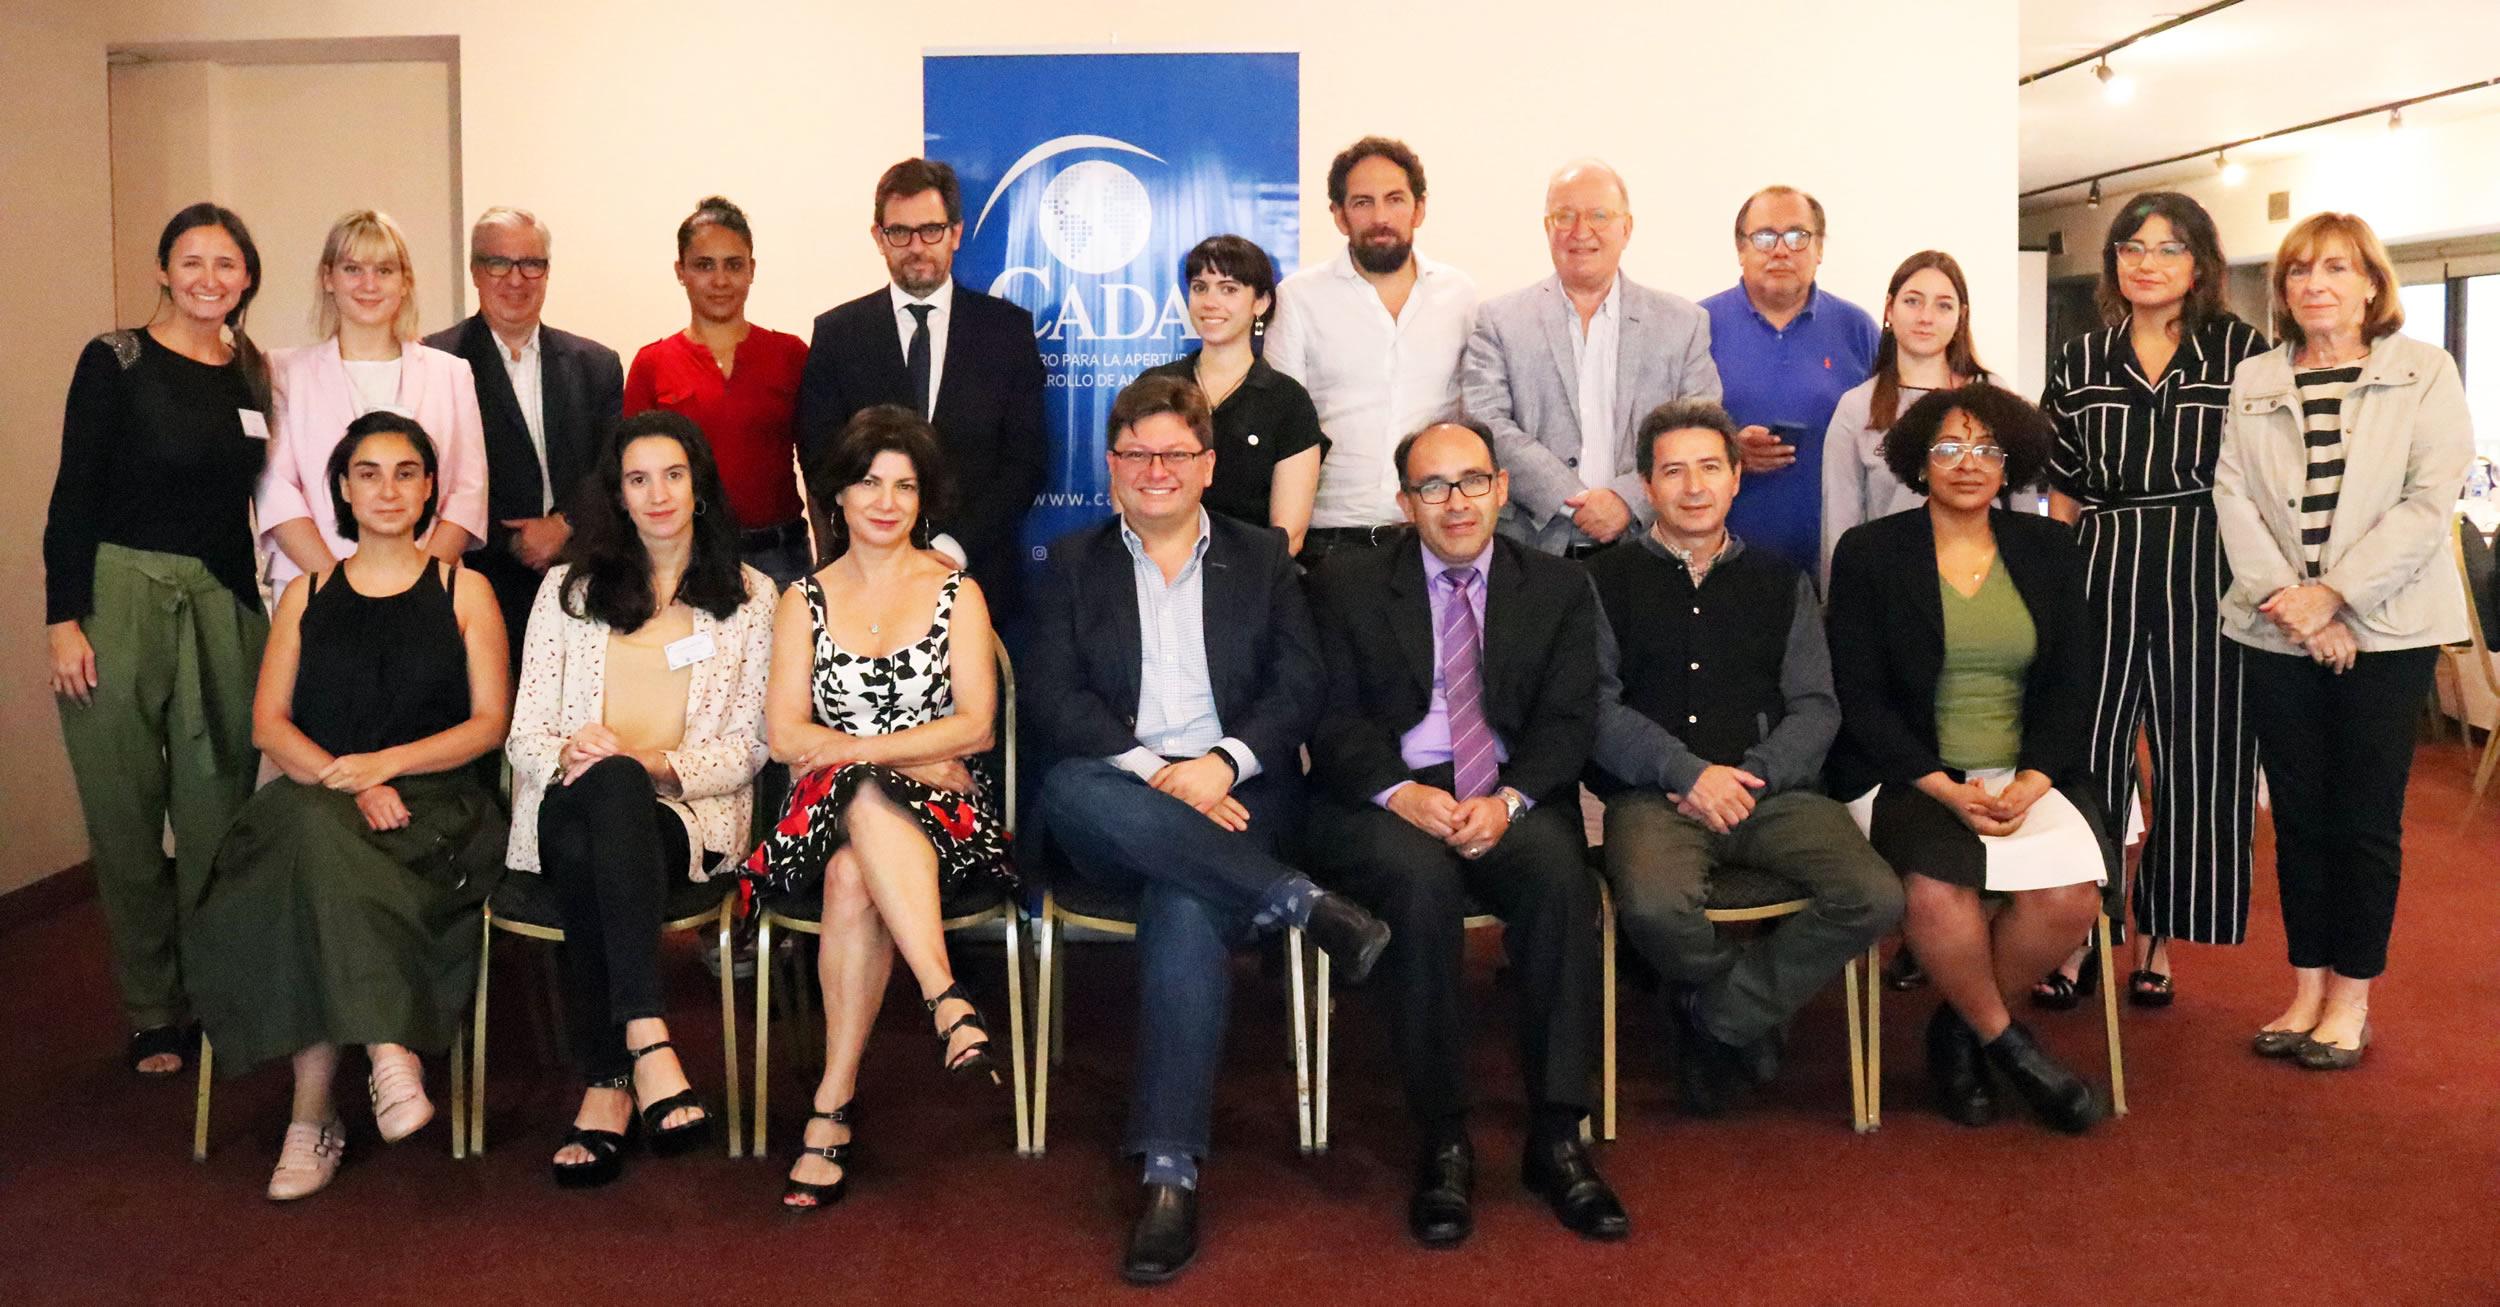 La libertad de asociación en el activismo de derechos humanos y la defensa de la libertad de prensa